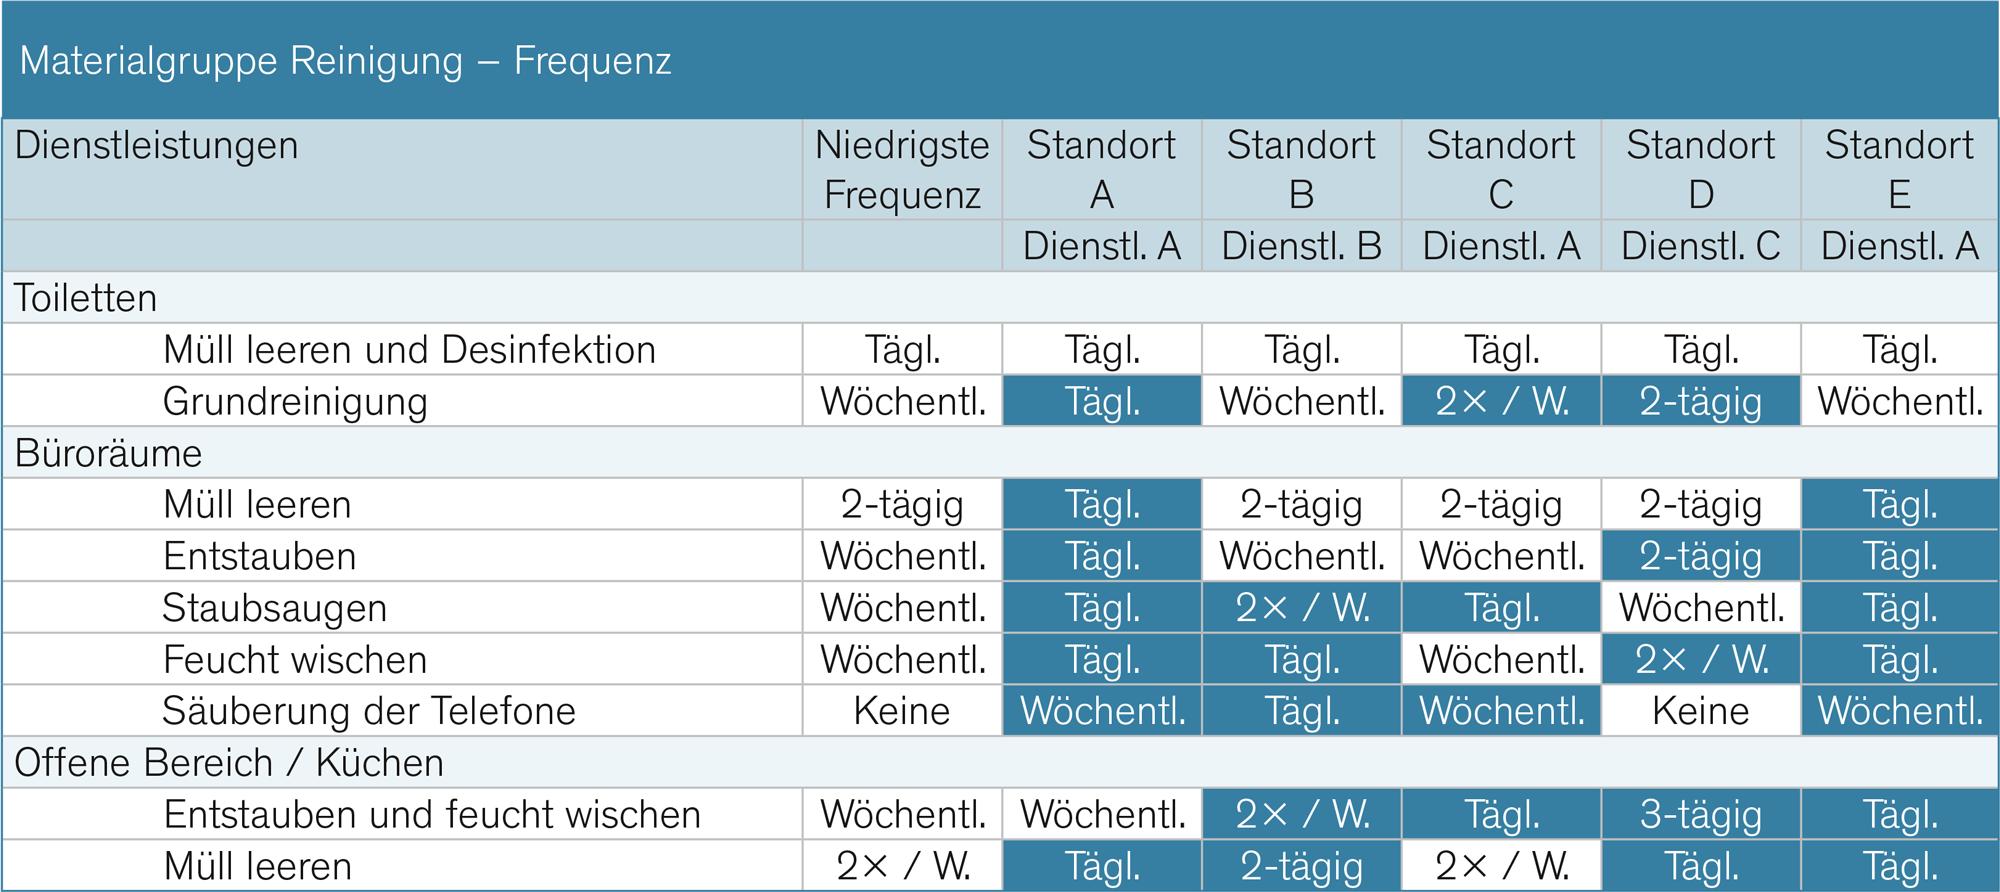 shs_Indirekter-Einkauf-im-Visier_08